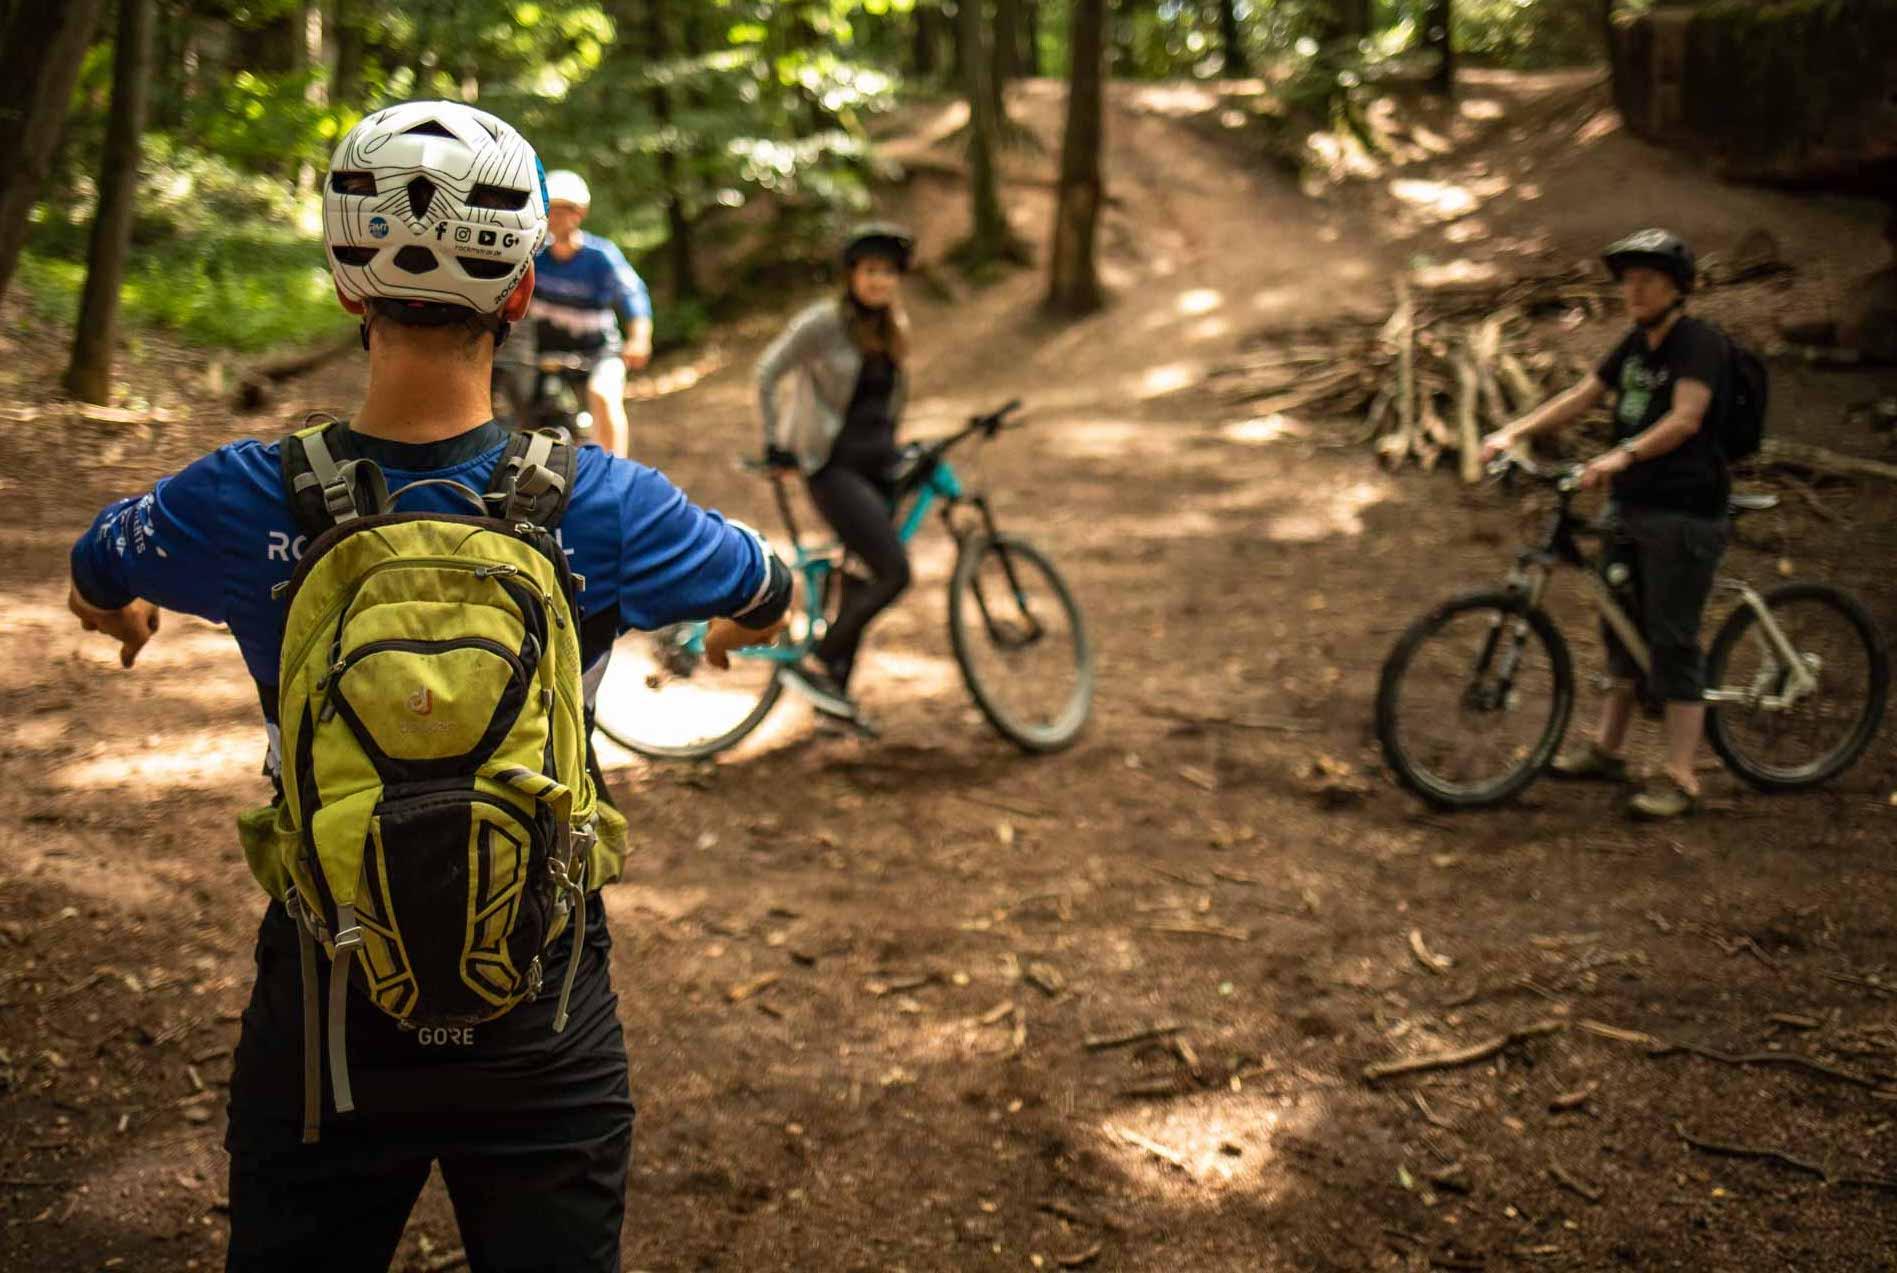 MTB Fahrtechnik Kurs für Einsteiger in Berlin - Hauptstadt- Mountainbike Basic - Rock my Trail Bikeschule GmbH